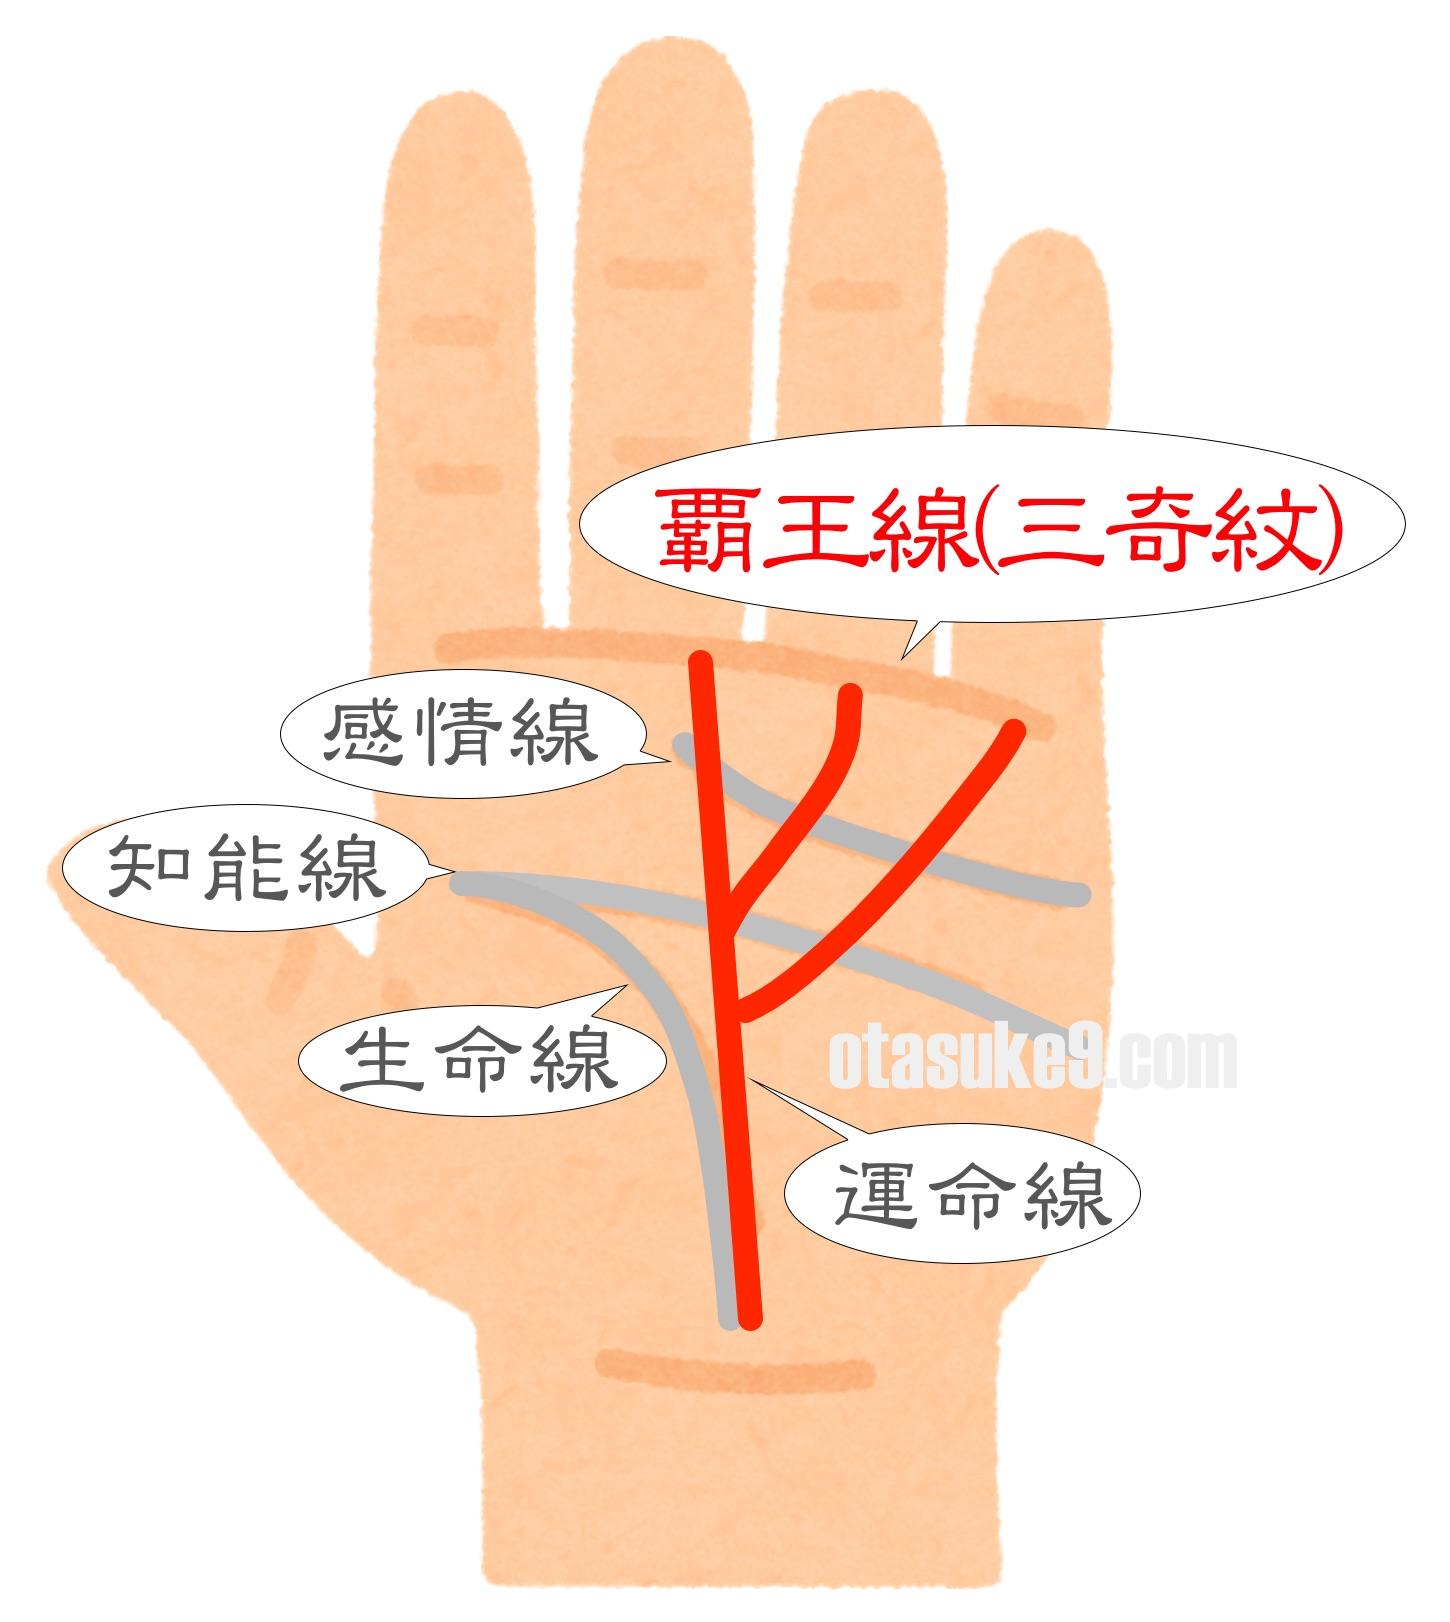 お金持ちの手相 覇王線(三奇紋)